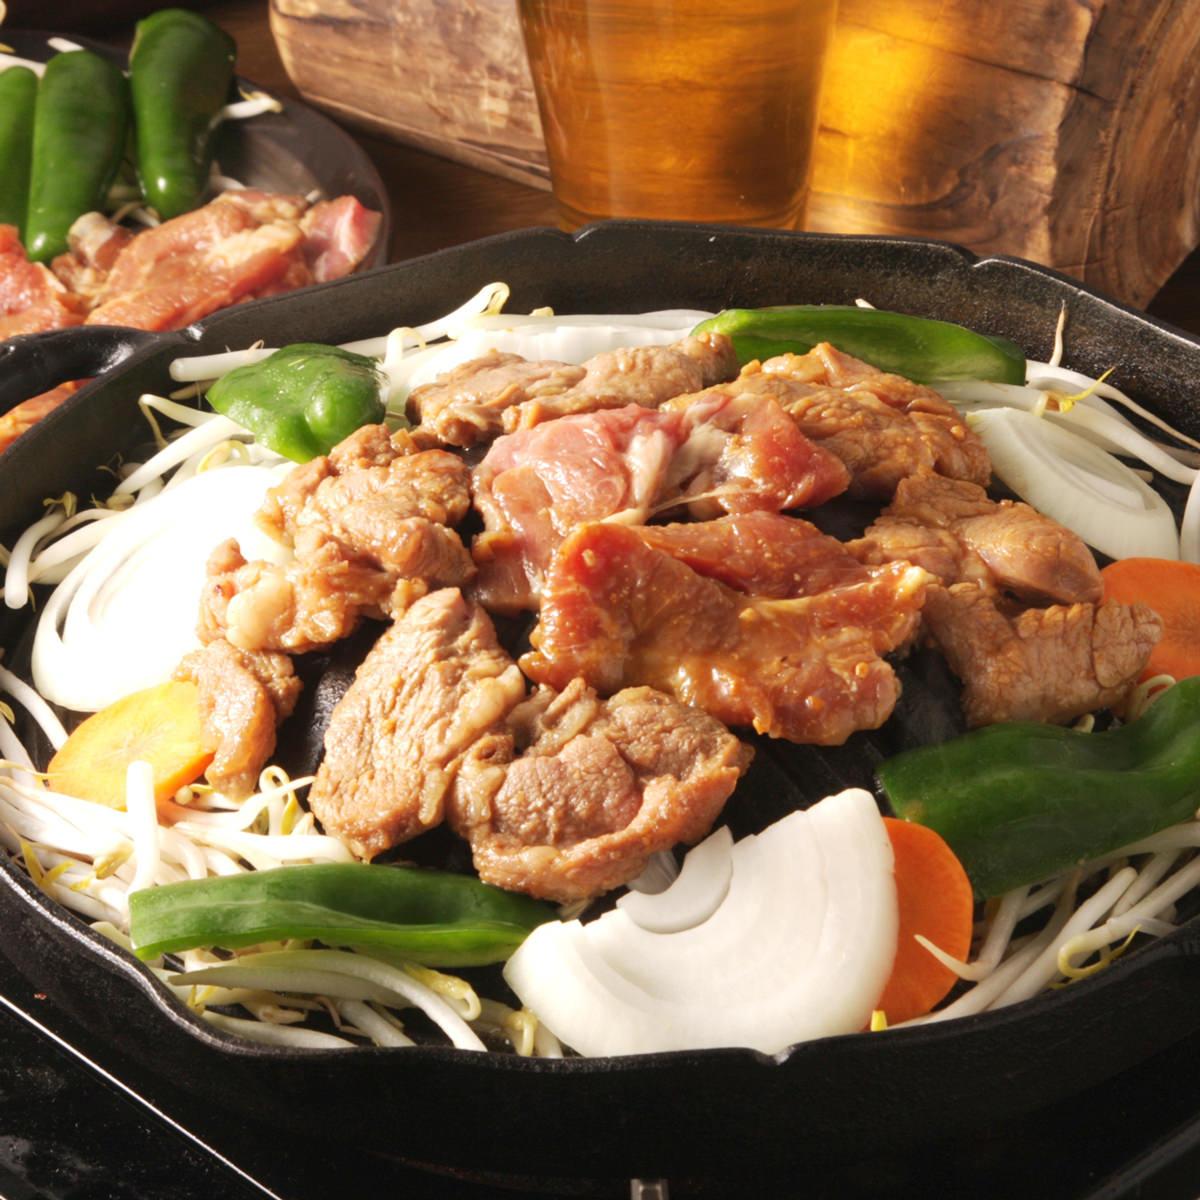 ジンギスカン セット 〔味付ラムジンギスカン(肩ロース)醤油味200g×2・味噌味200g×1〕 北海道名物 肉料理